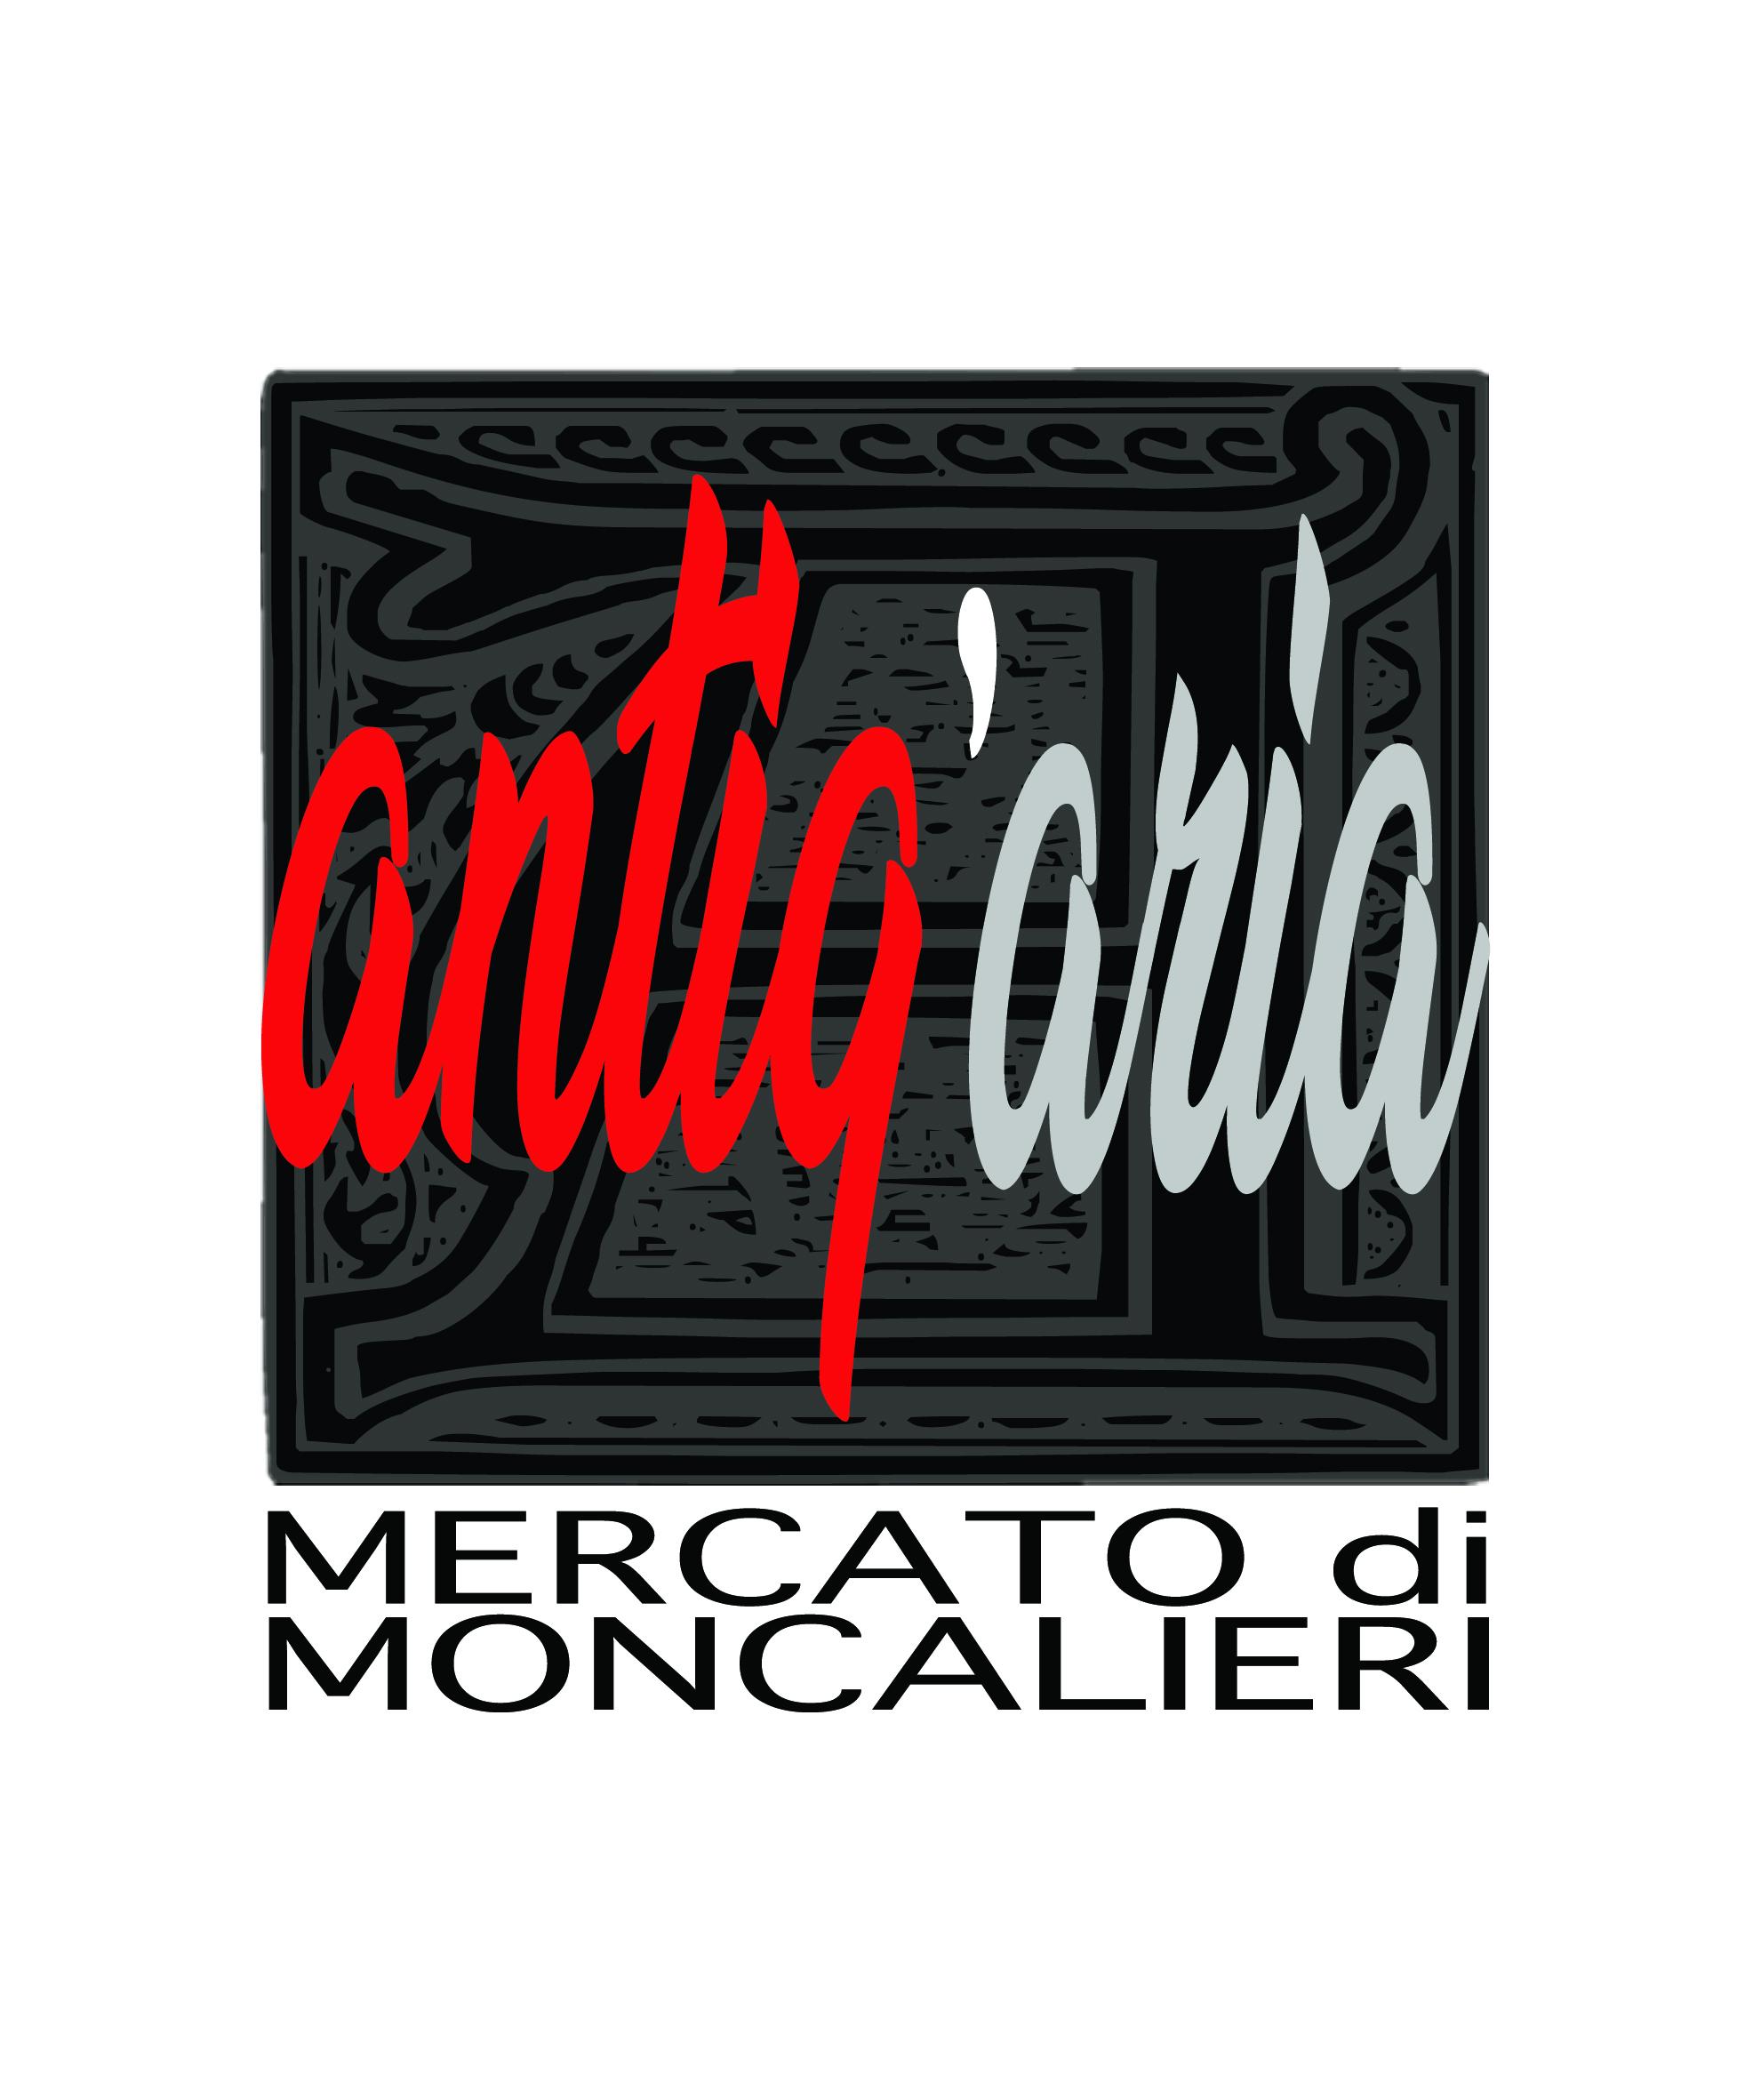 Storico Mercato dell'Antiquariato di Moncalieri